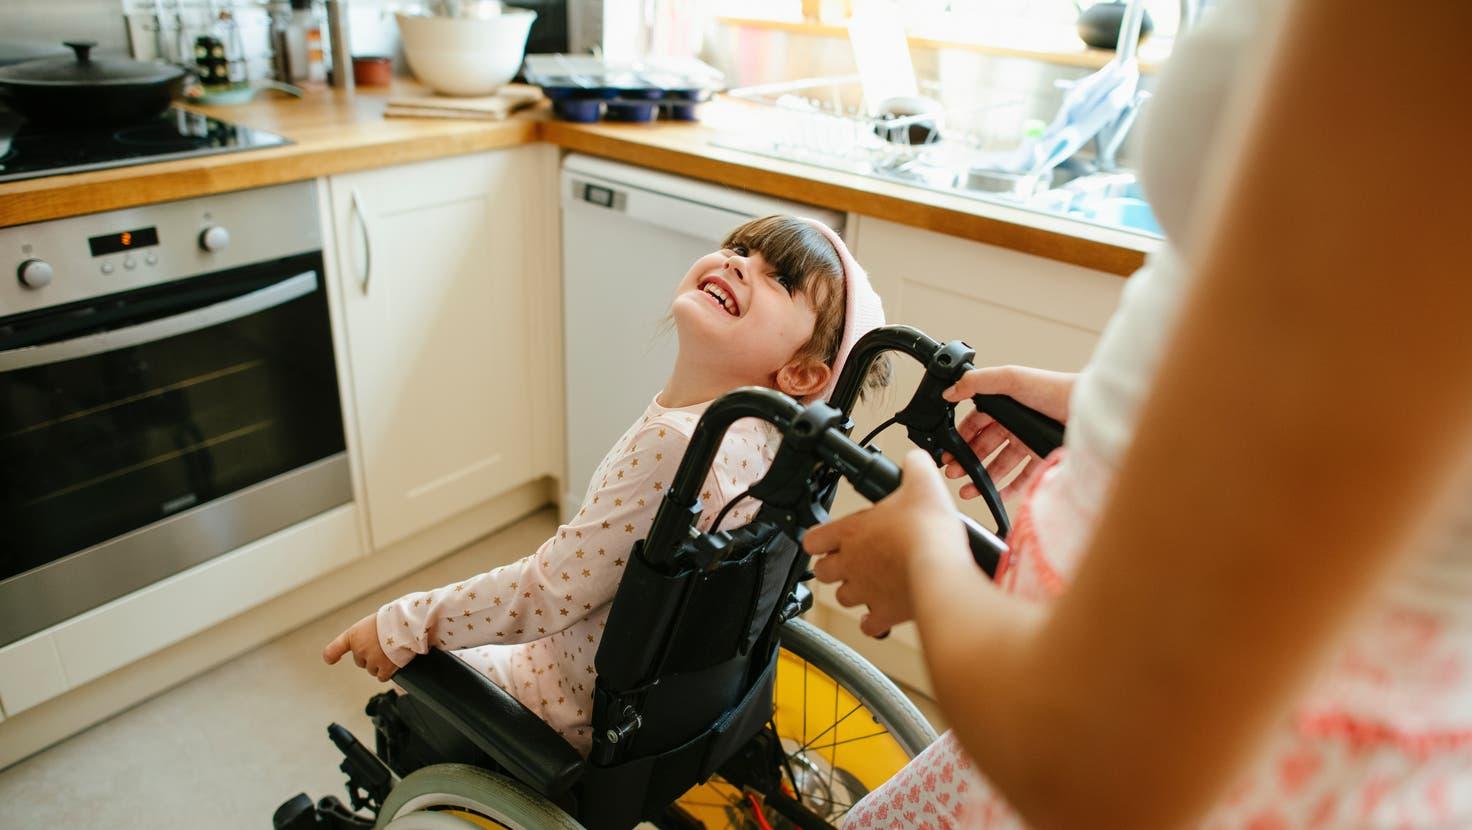 Kinder mit einer schweren Behinderung sind auf Hilfe angewiesen – ihre Eltern ebenfalls. (Symbolbild) (Rawpixel)